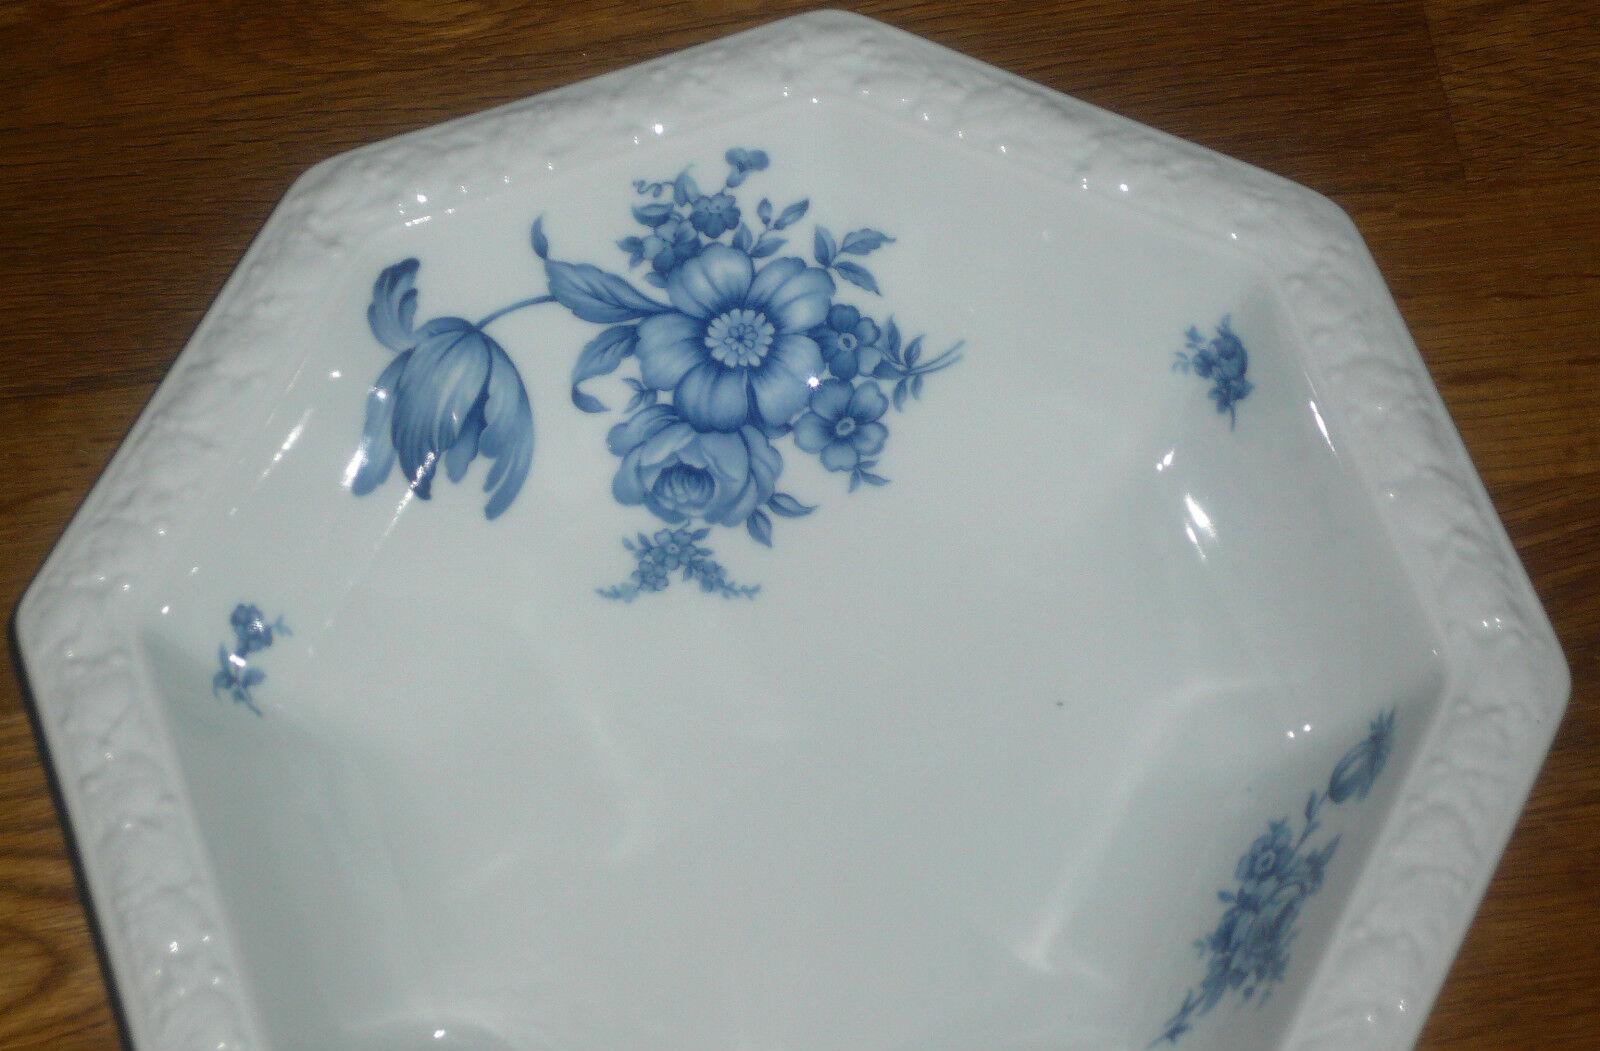 1 Servierschüssel   Schüssel 23,5 cm cm cm   23,5cm   Rosanthal  MARIA  Blaue Blaumen   Fein Verarbeitet  3483d5